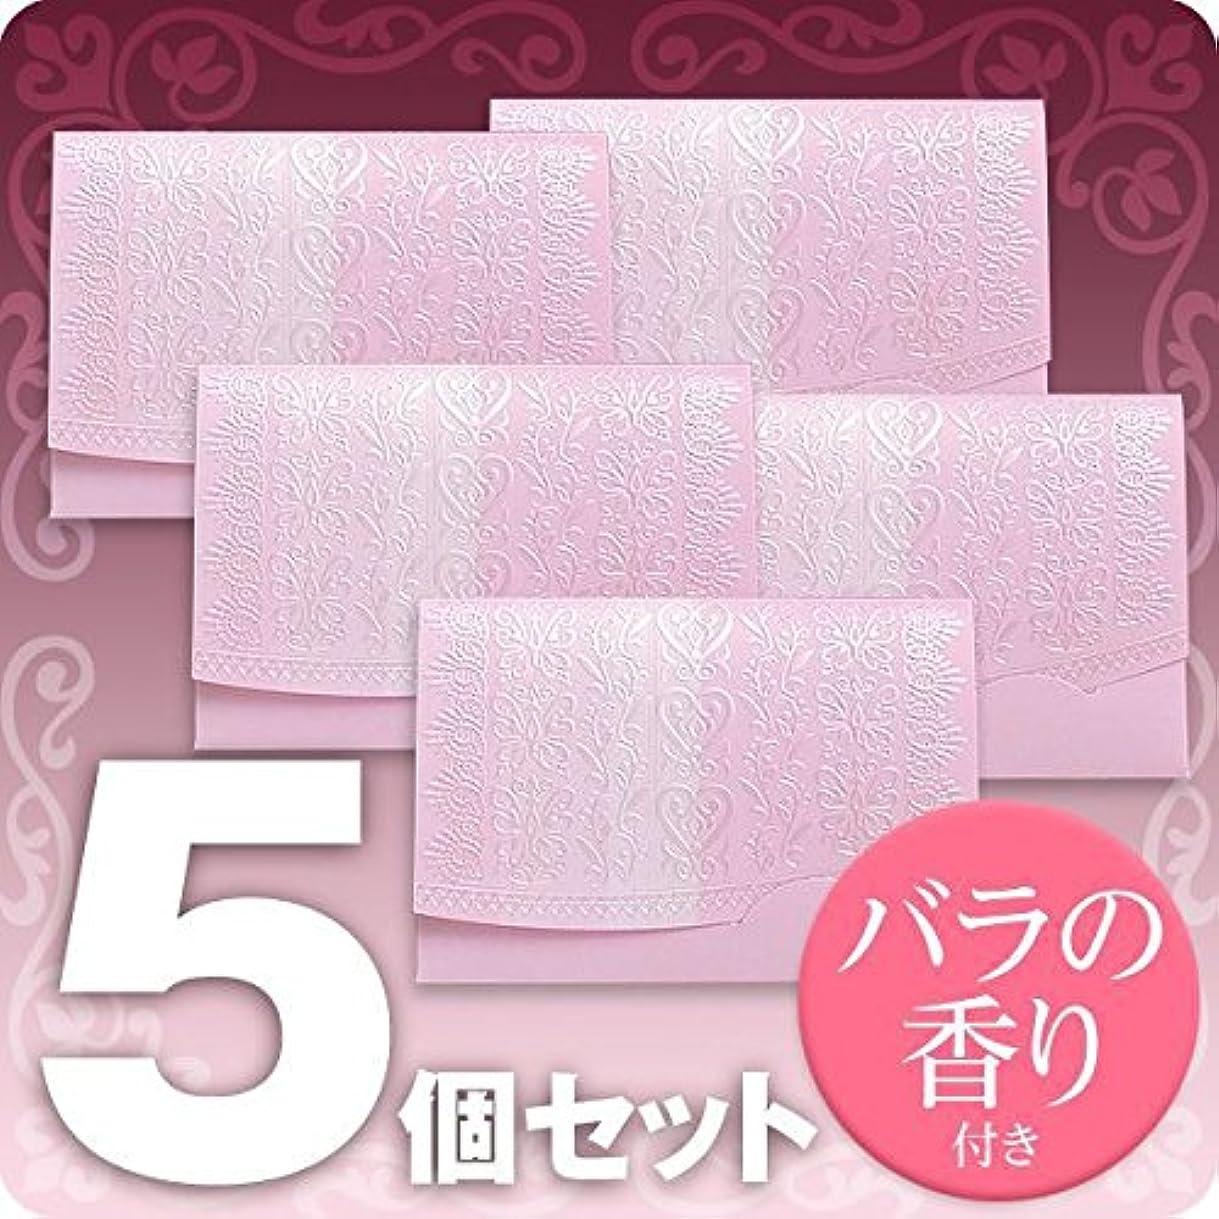 勃起エピソードマーク鎌倉四葩のあぶらとり紙 ロイヤル香りローズ 短冊サイズ 5冊セット